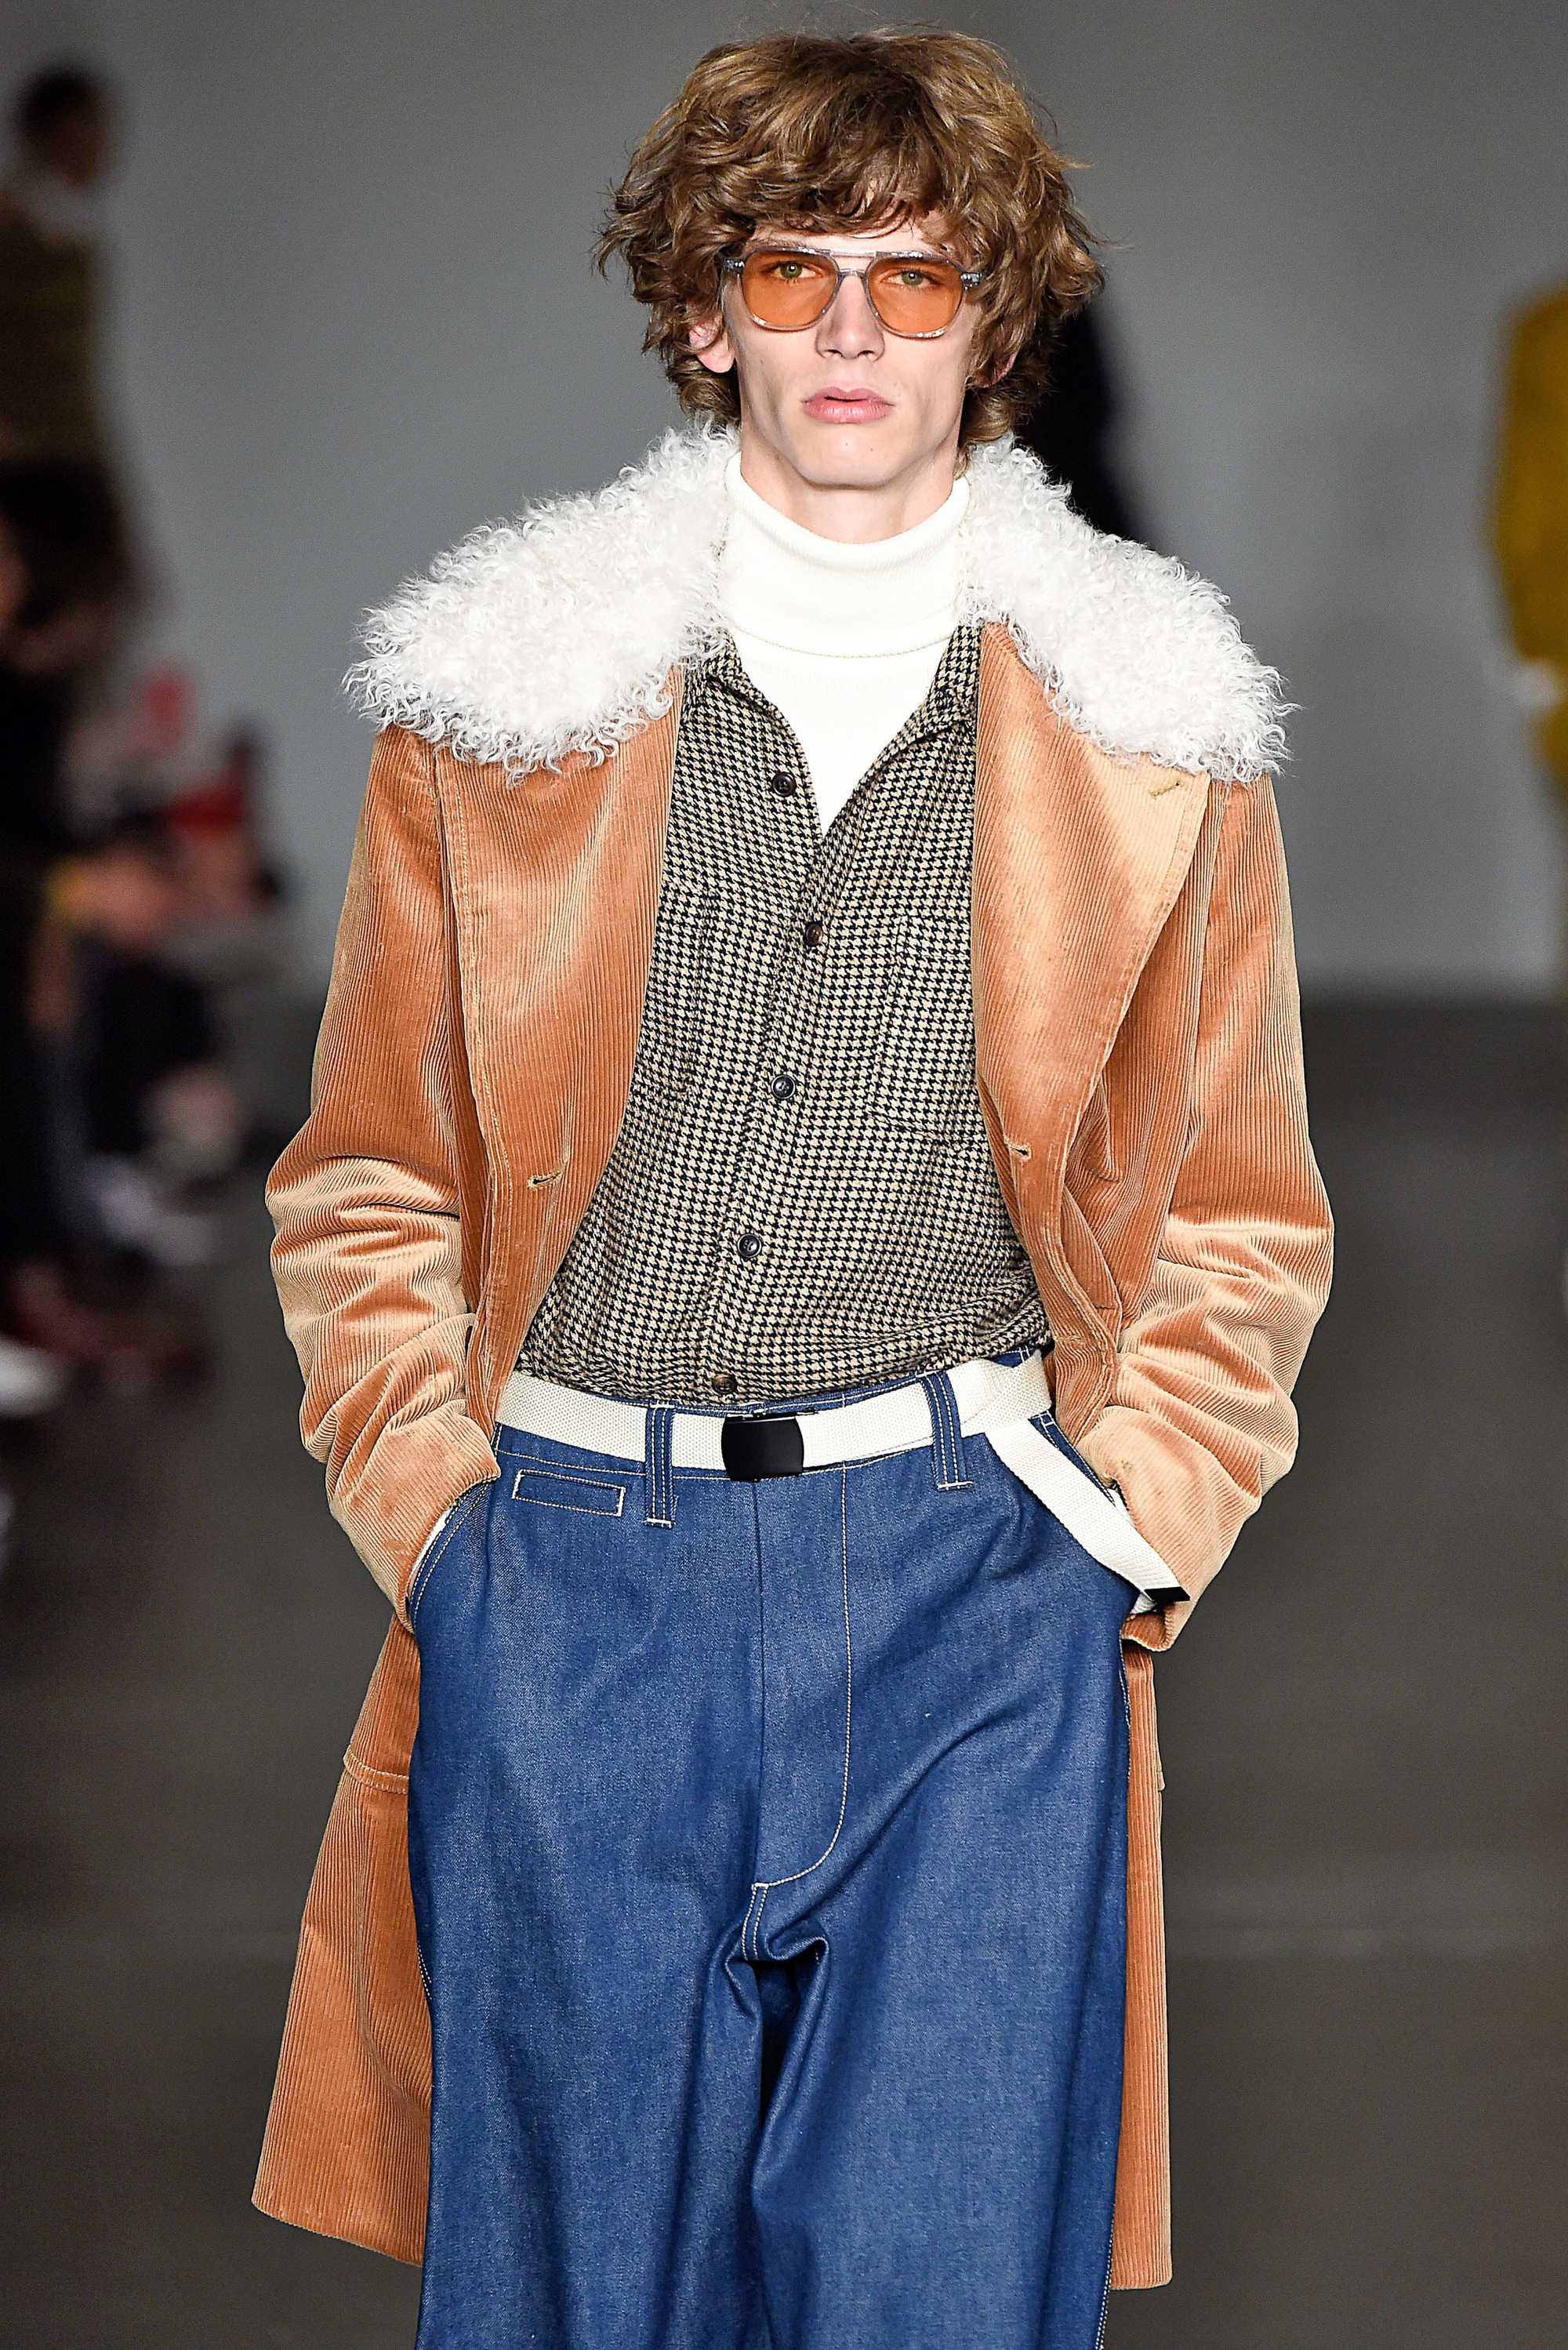 modèle masculin sur la piste de todd snyder fw18 avec des cheveux bouclés de longueur moyenne brun doré